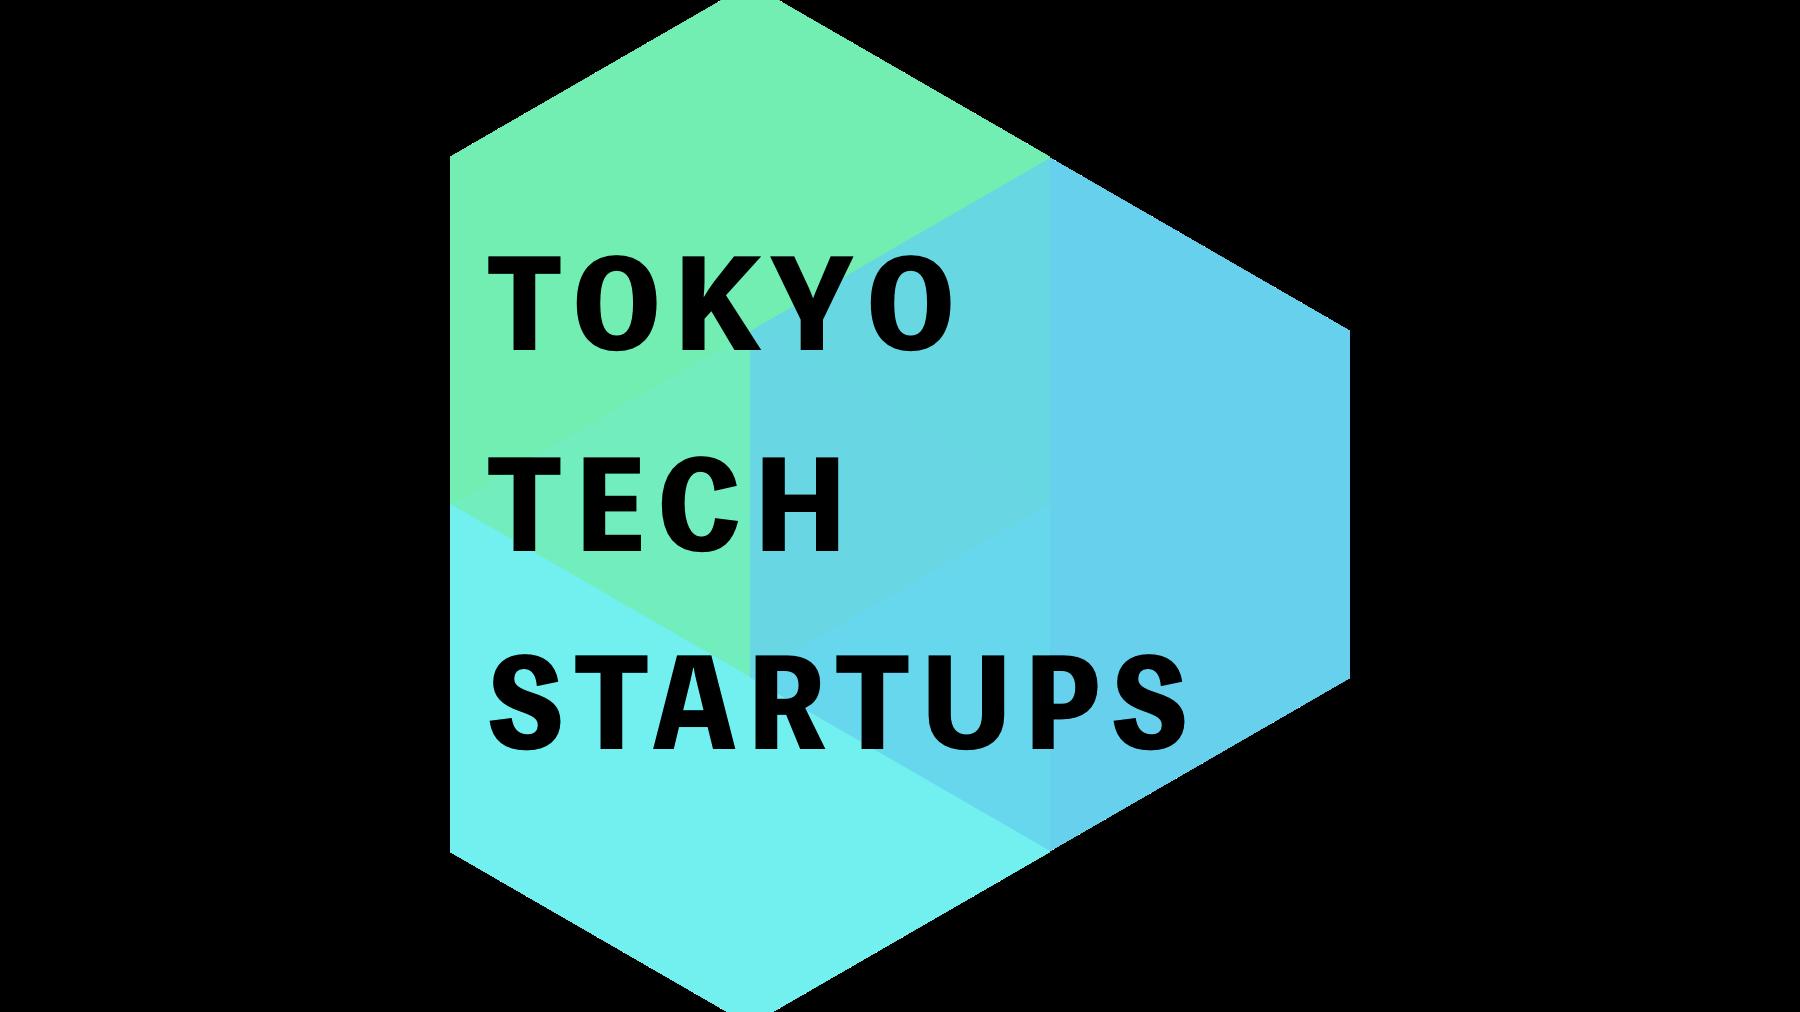 Tokyo Tech Startups